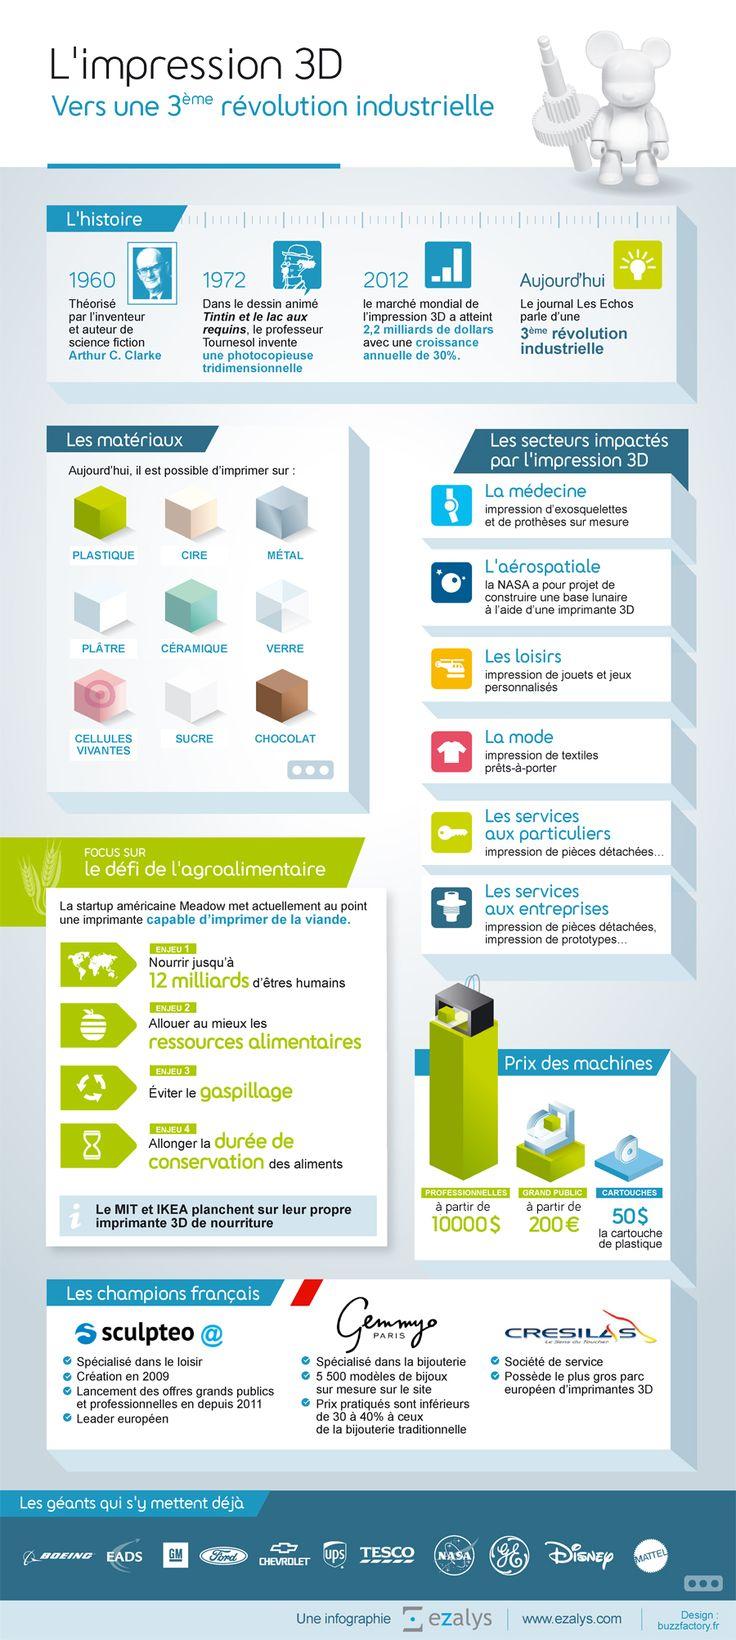 L'impression 3D, vers une 3ème révolution industrielle (ezalys)